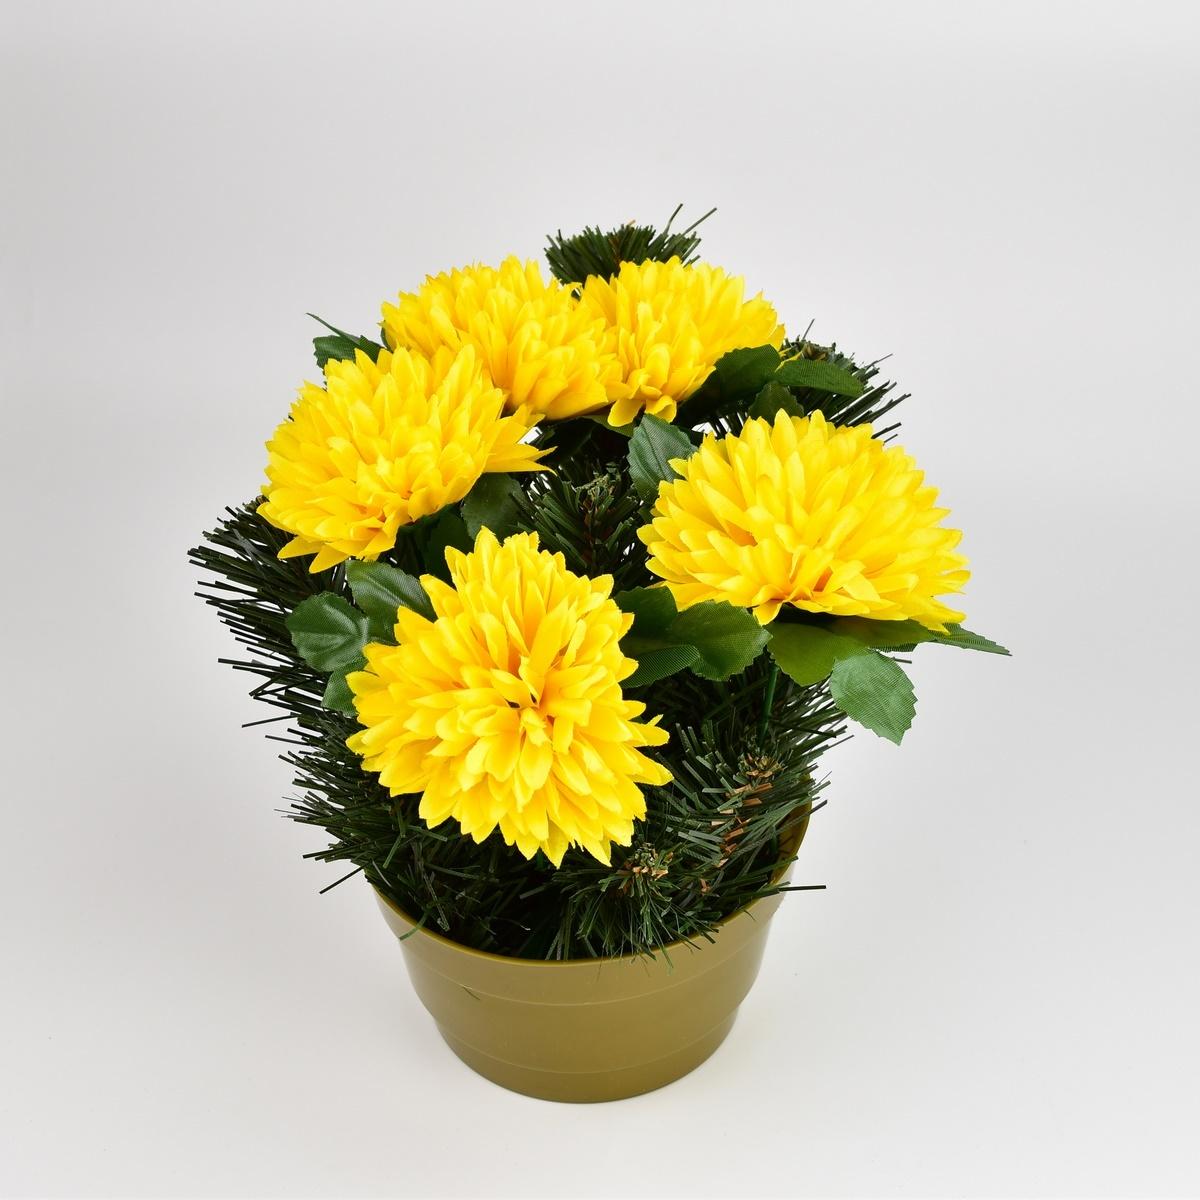 Dušičková dekorace s chryzantémami 23 cm, žlutá